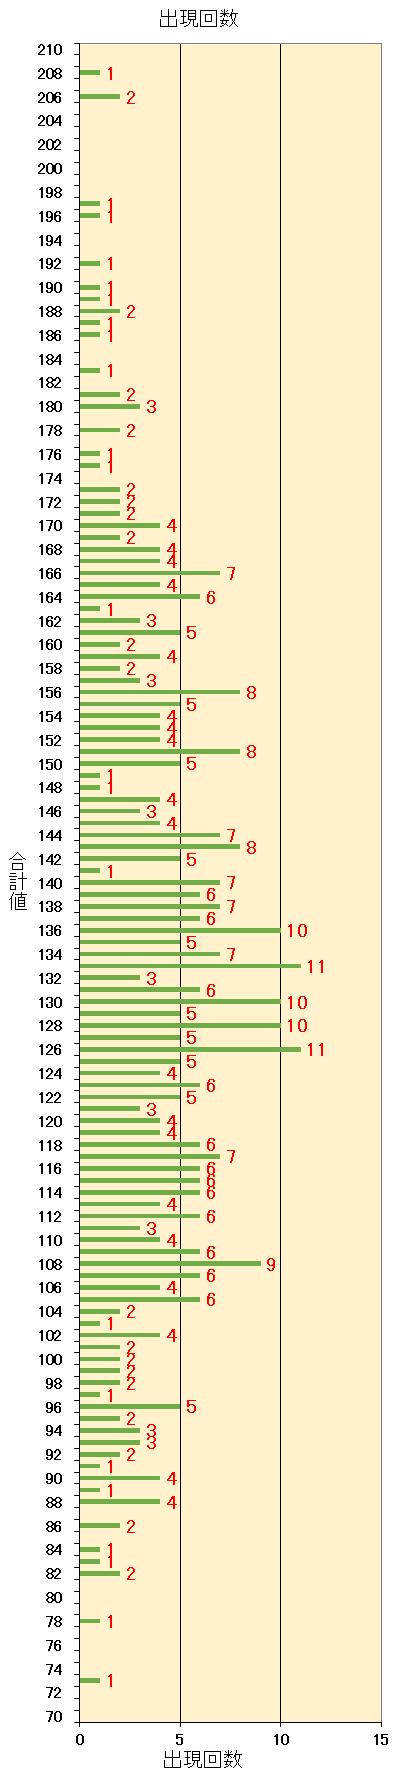 ロト7での第1当選数字から第7当選数字までを合計した合計値毎の出現回数の棒グラフ